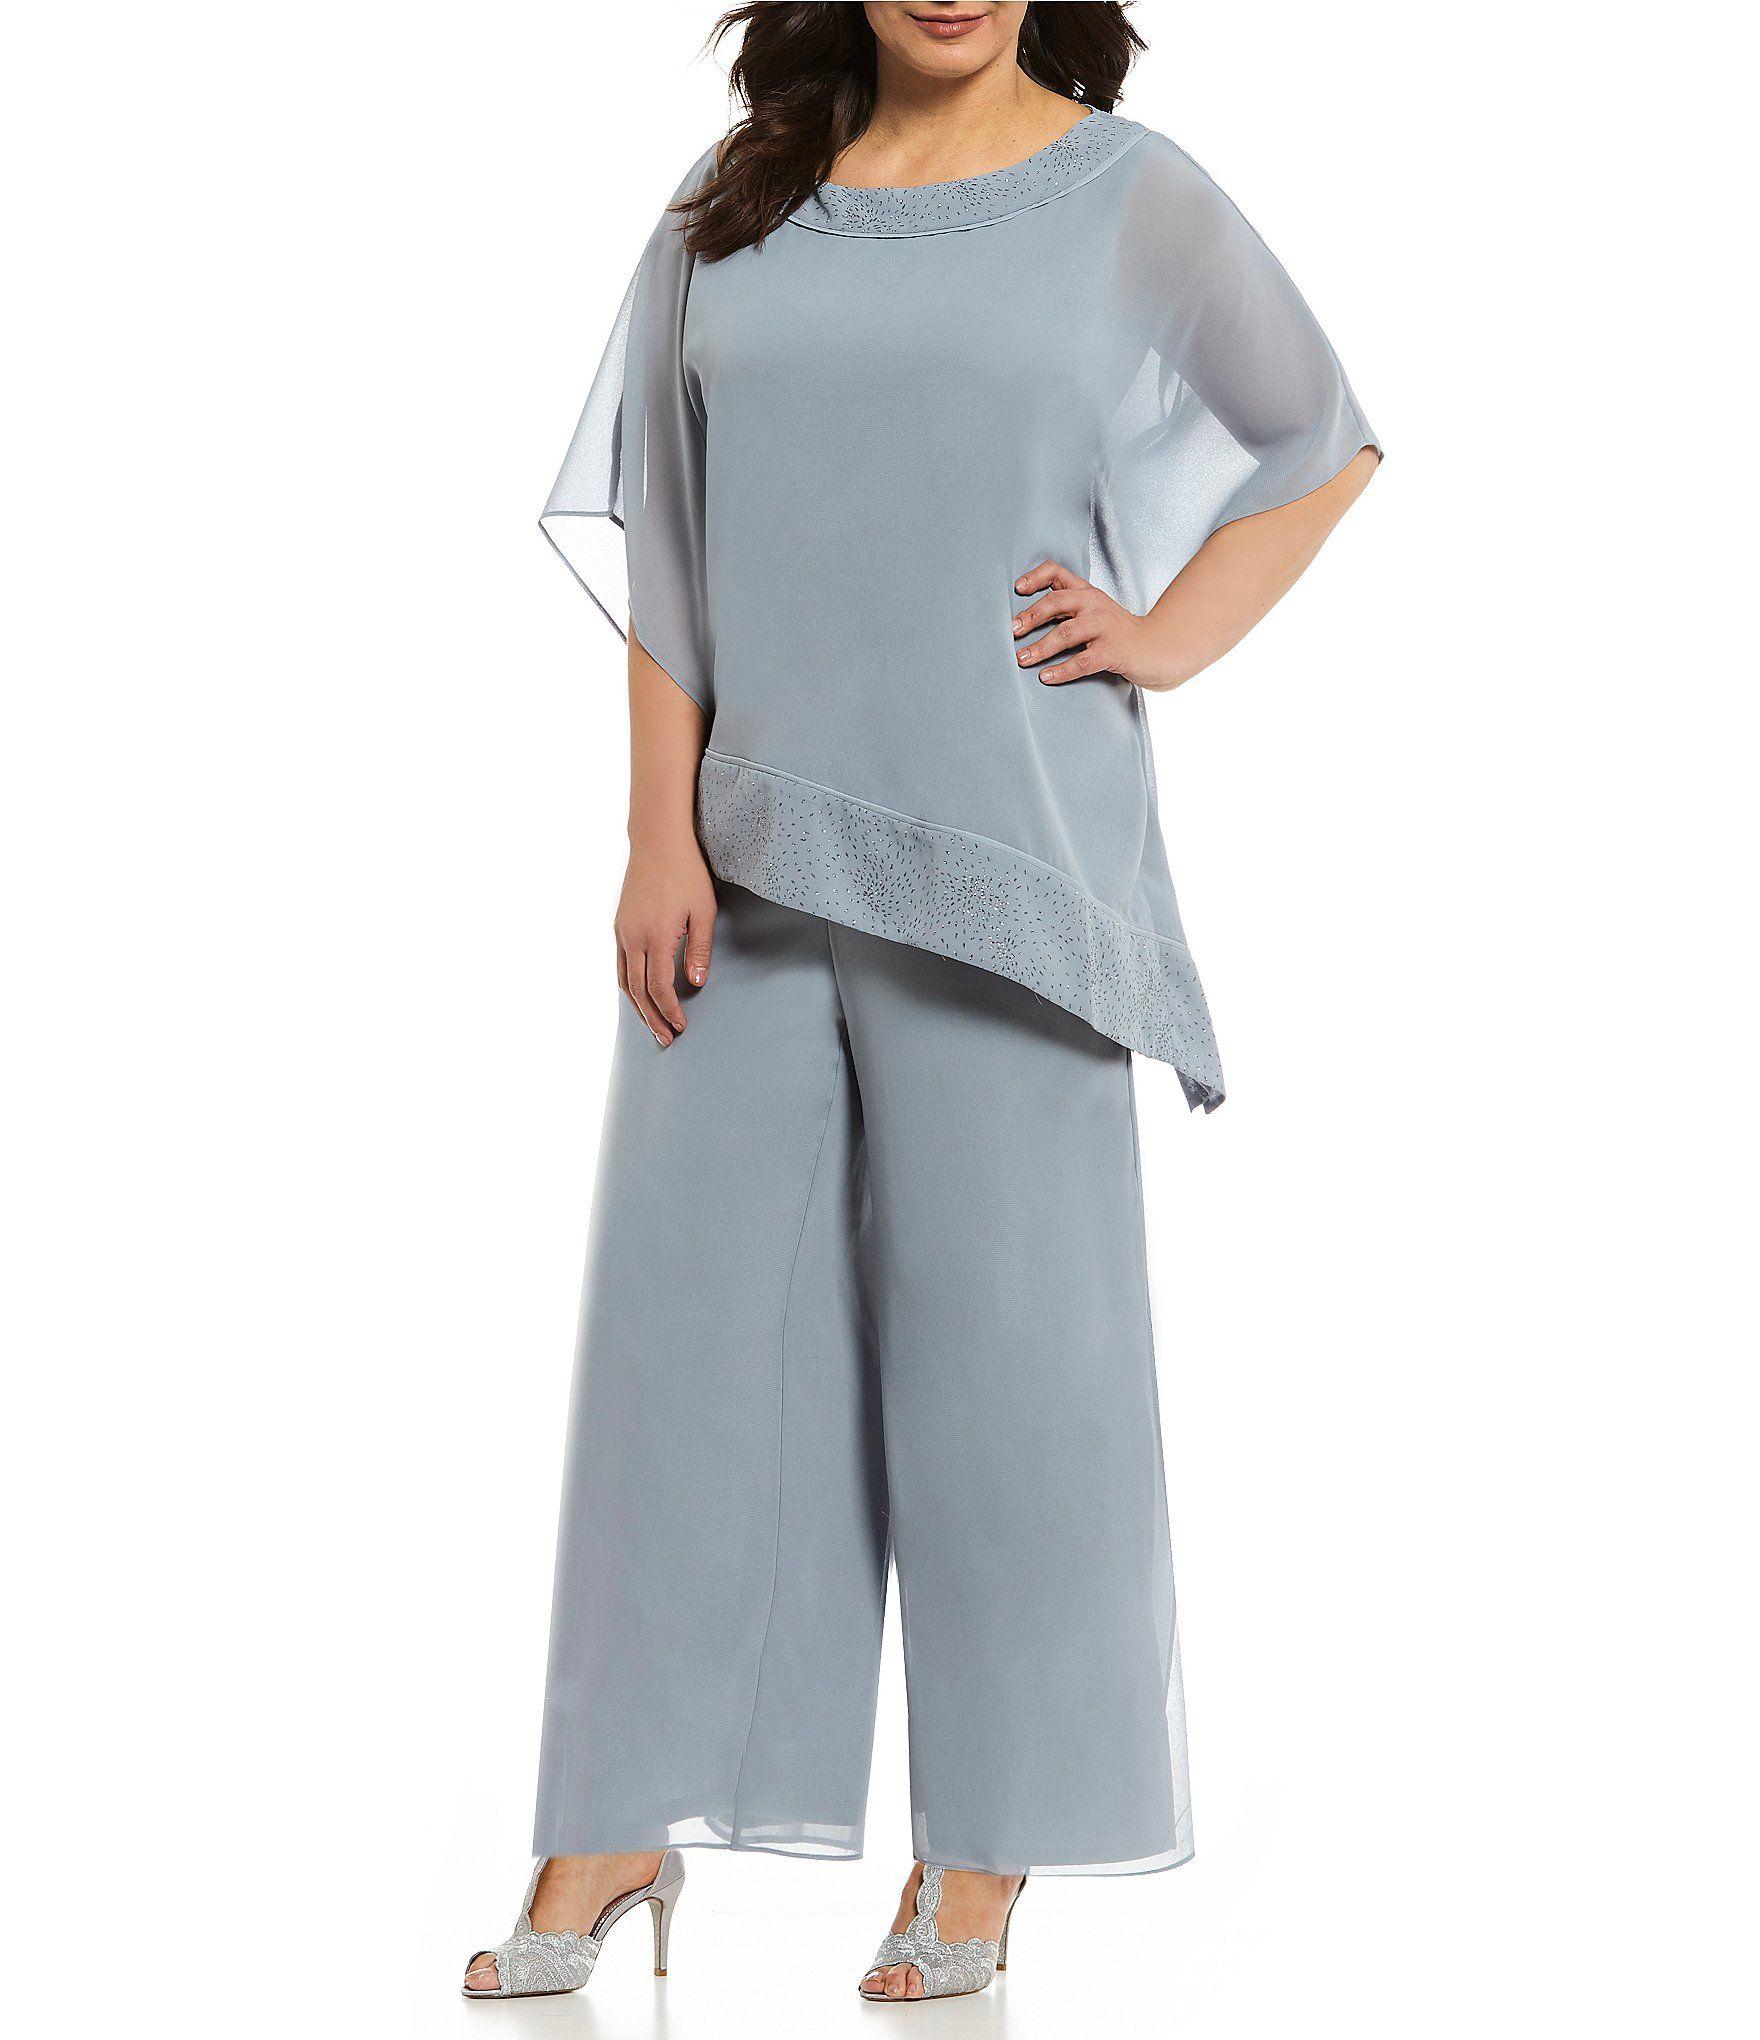 Dillards Pant Suits Plus Size